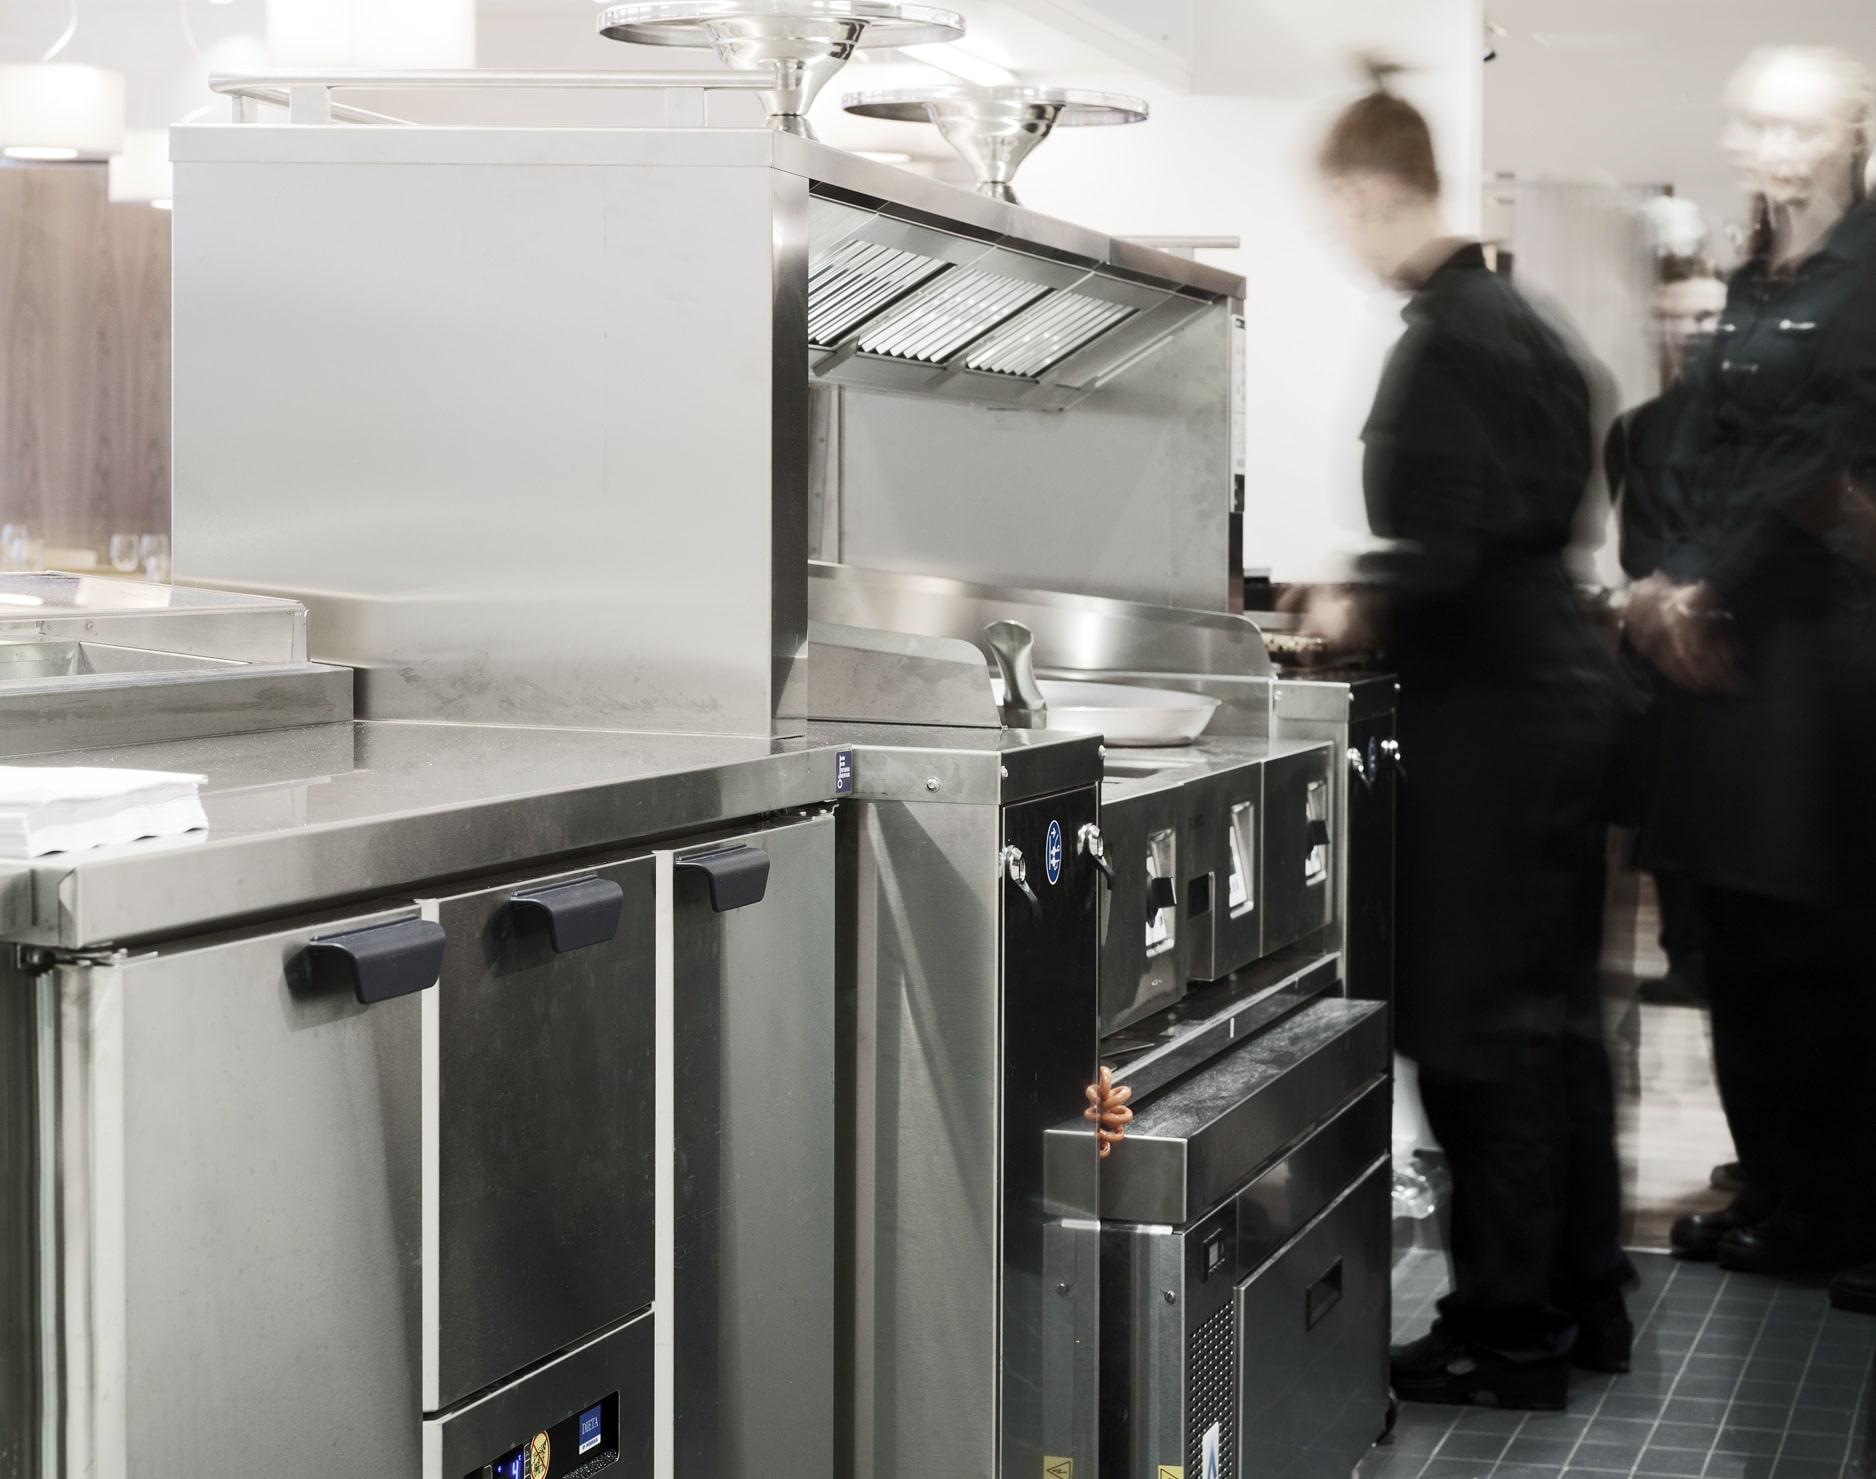 Pidä huolta keittiölaitteistasi - tee nämä toimenpiteet ennen väliaikaista sulkemista